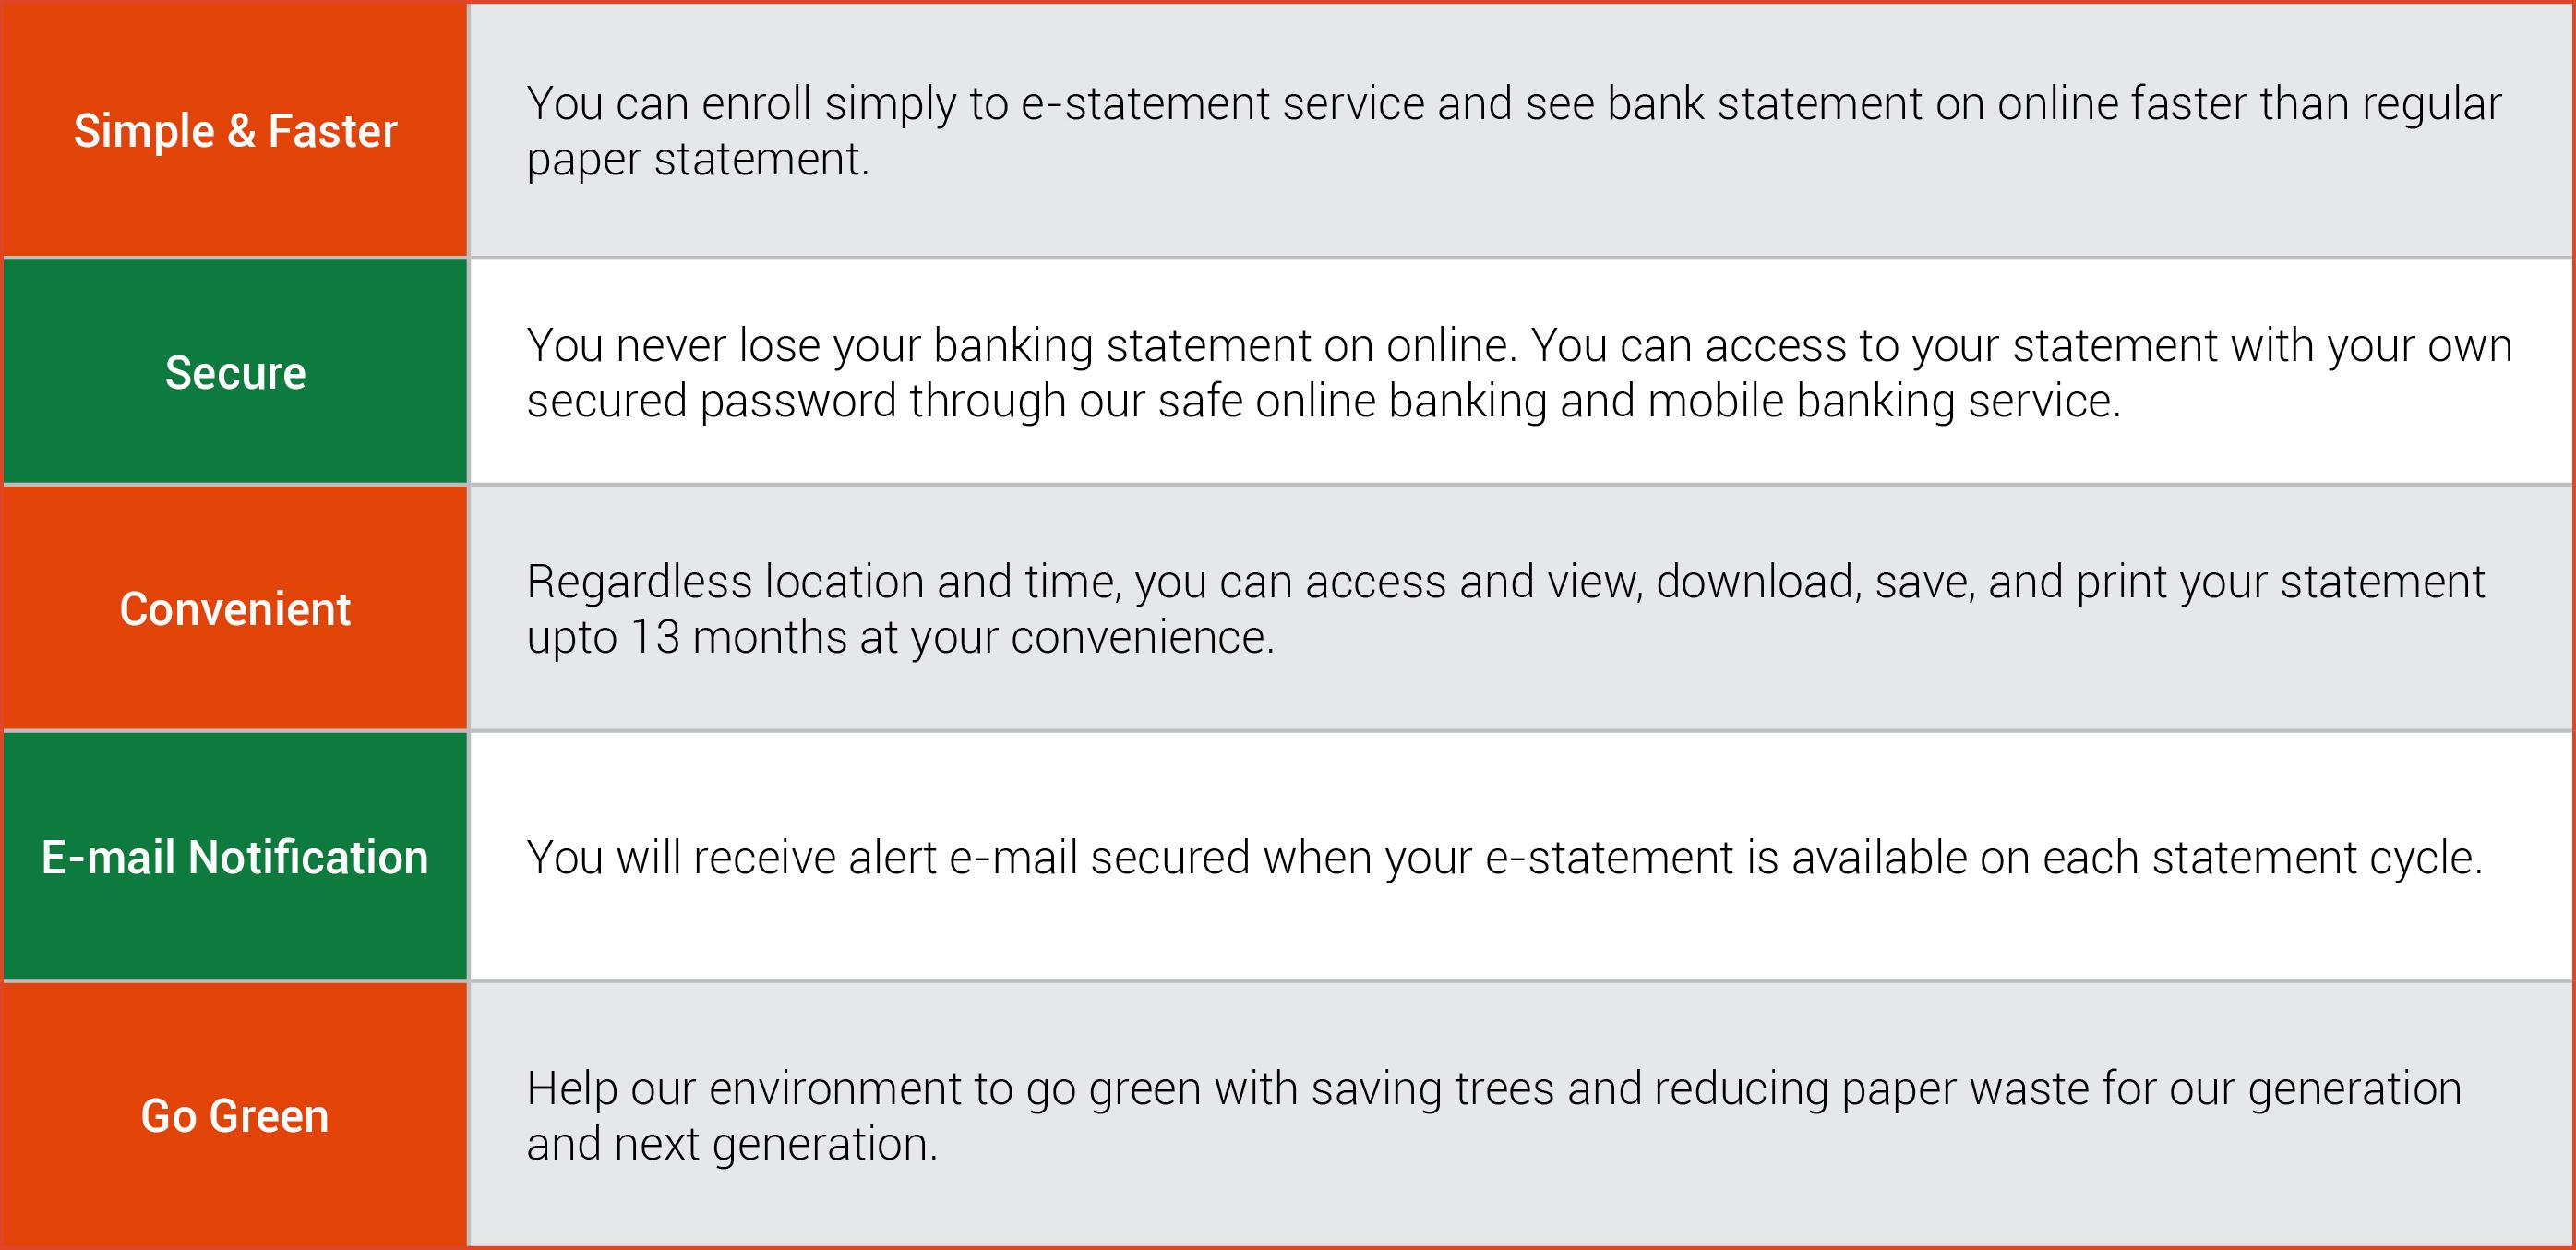 E-Statement Service